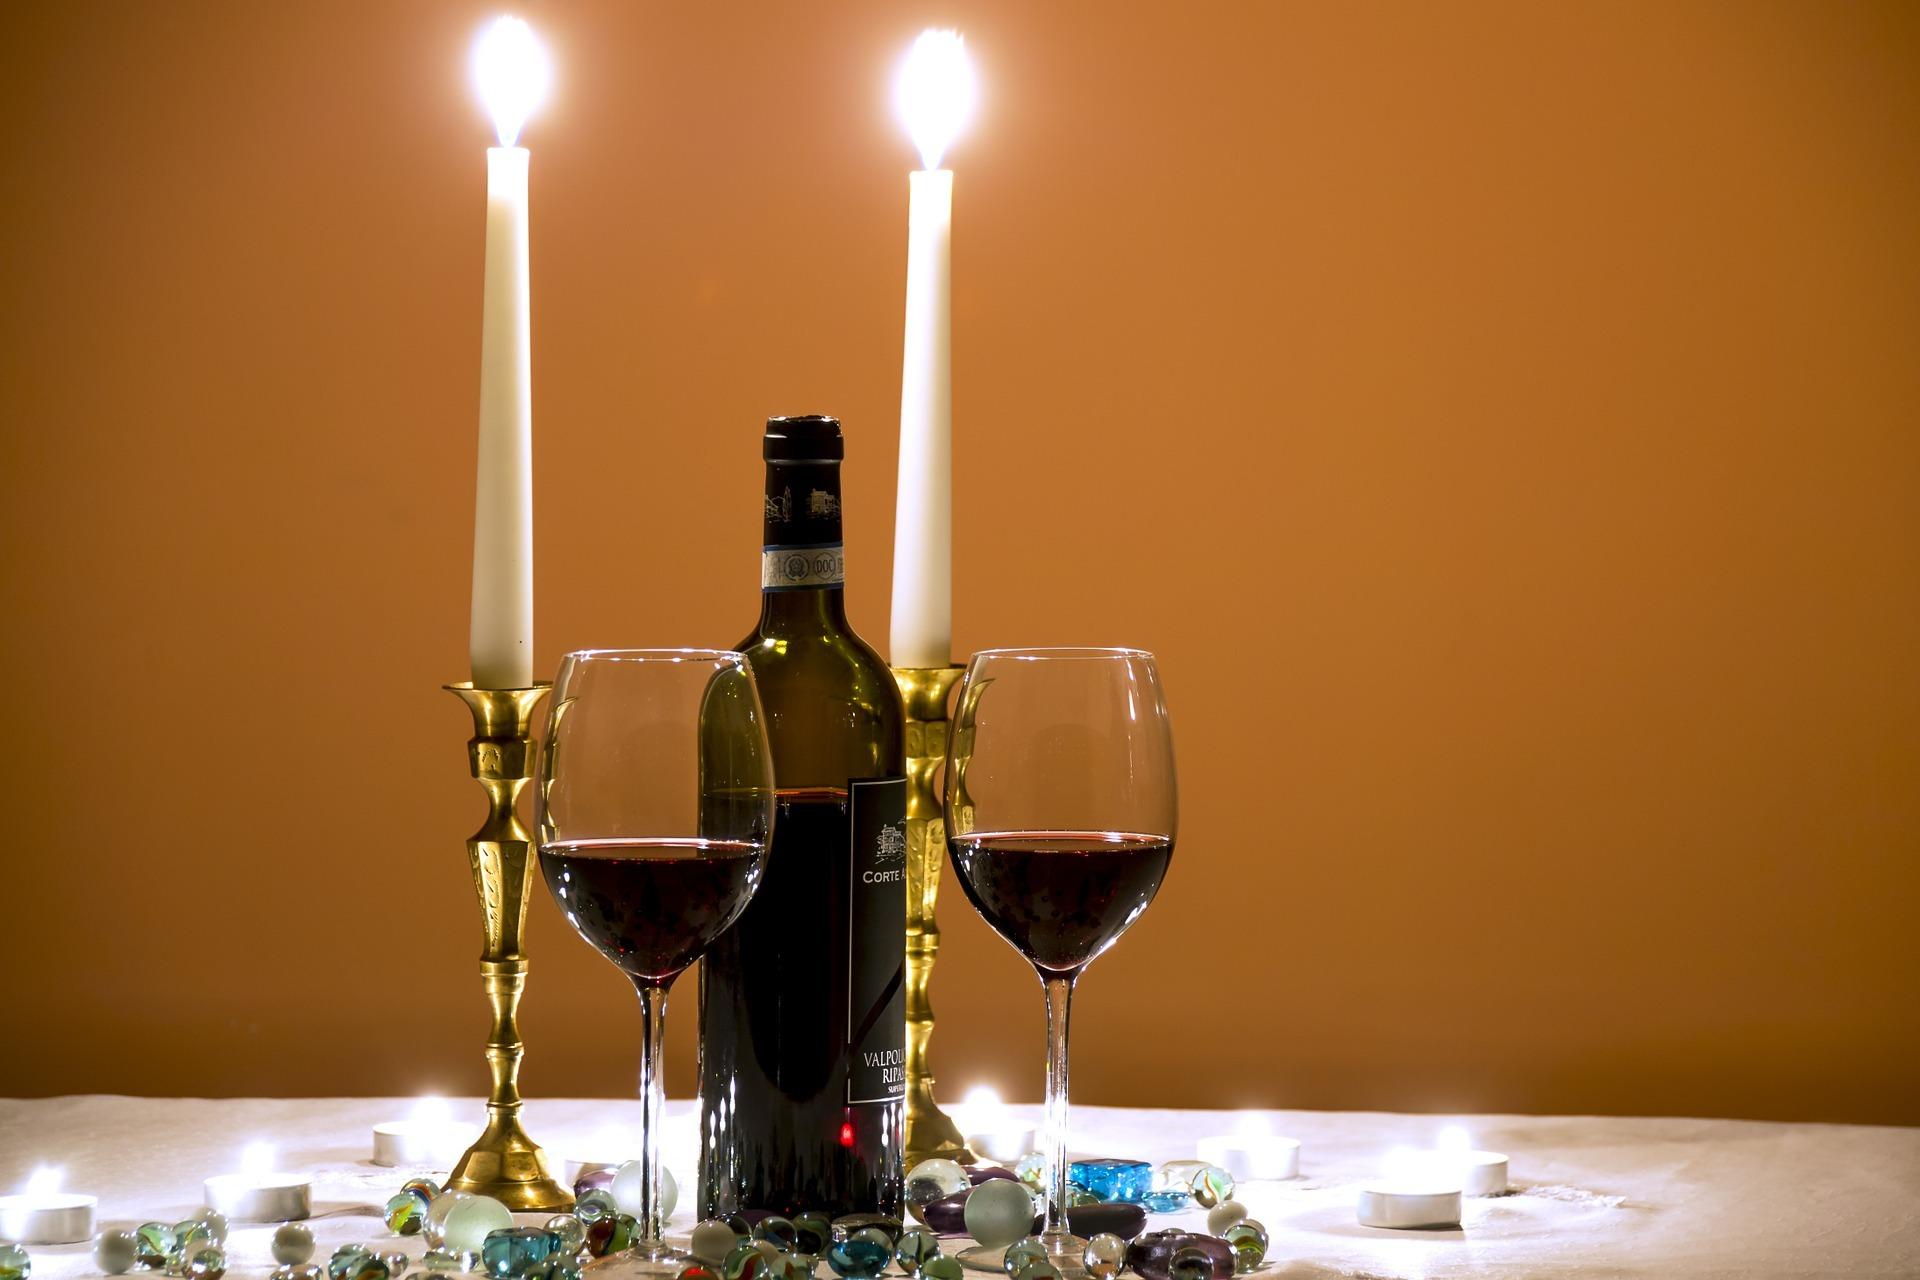 Und zum Abschluss ein kleines Glas Rotwein